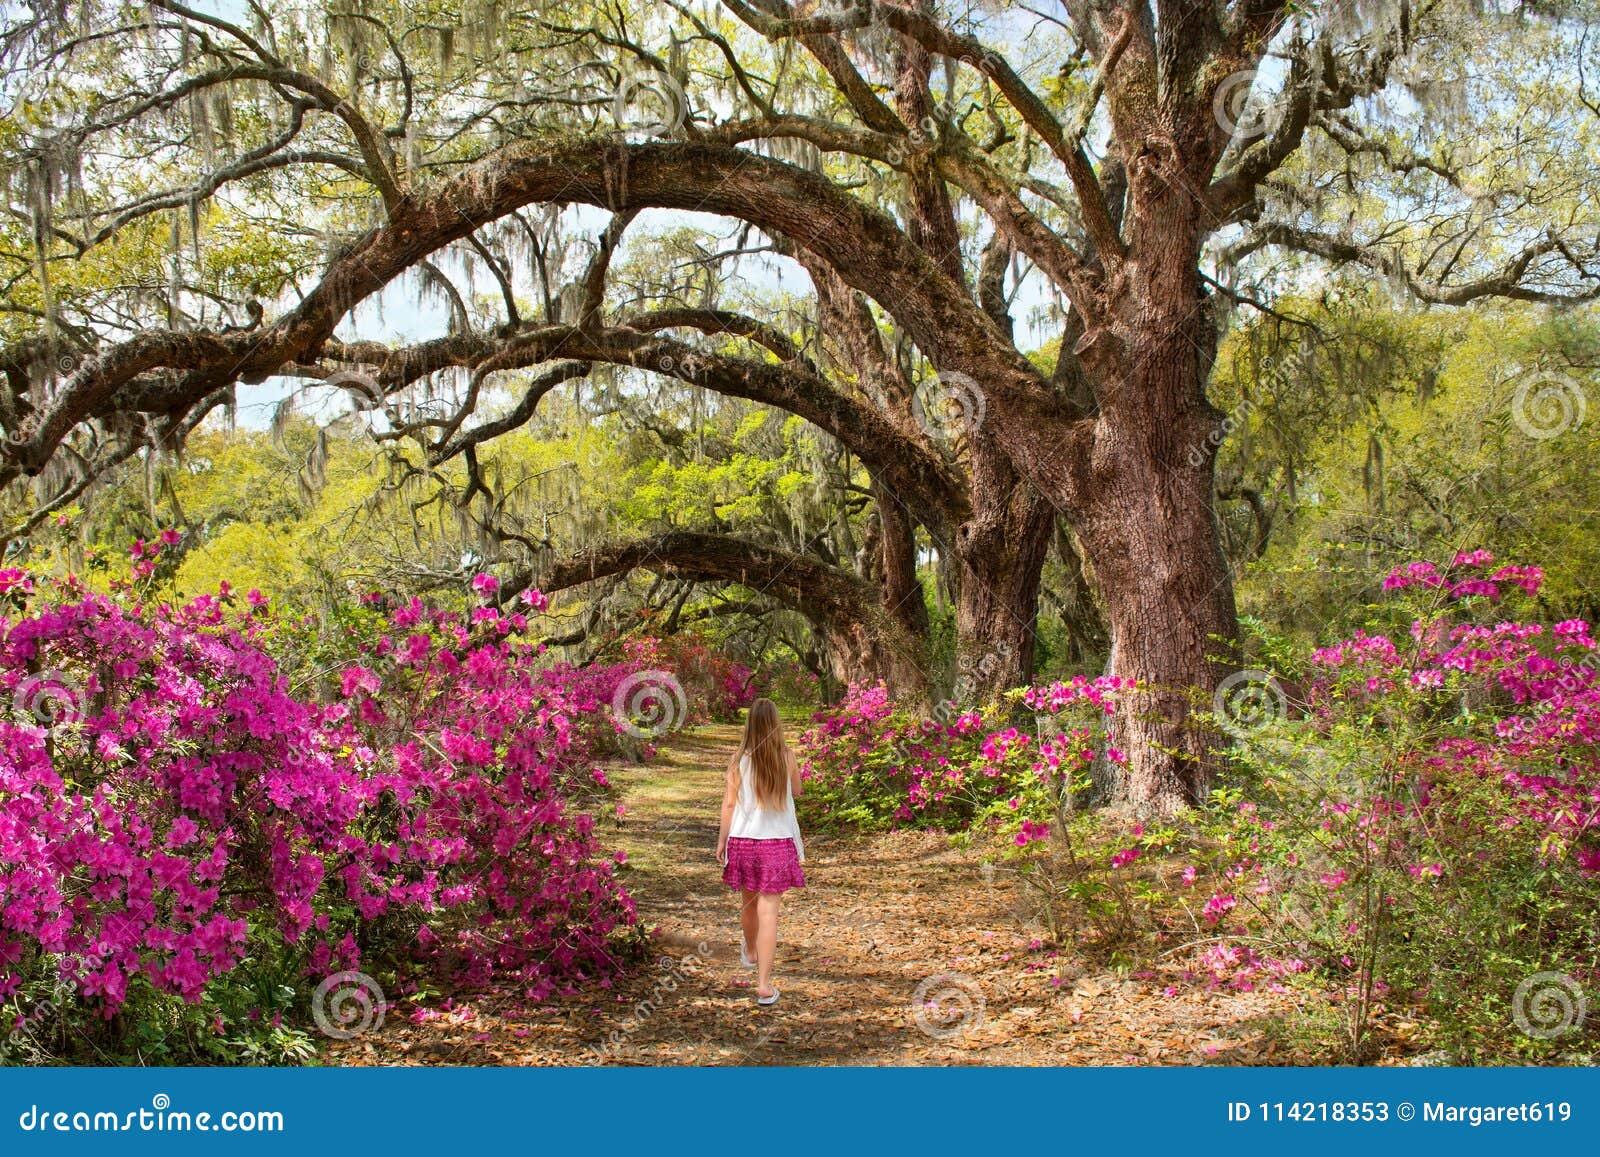 Girl Walking Alone In The Beautiful Blooming Garden Under Oak Trees ...